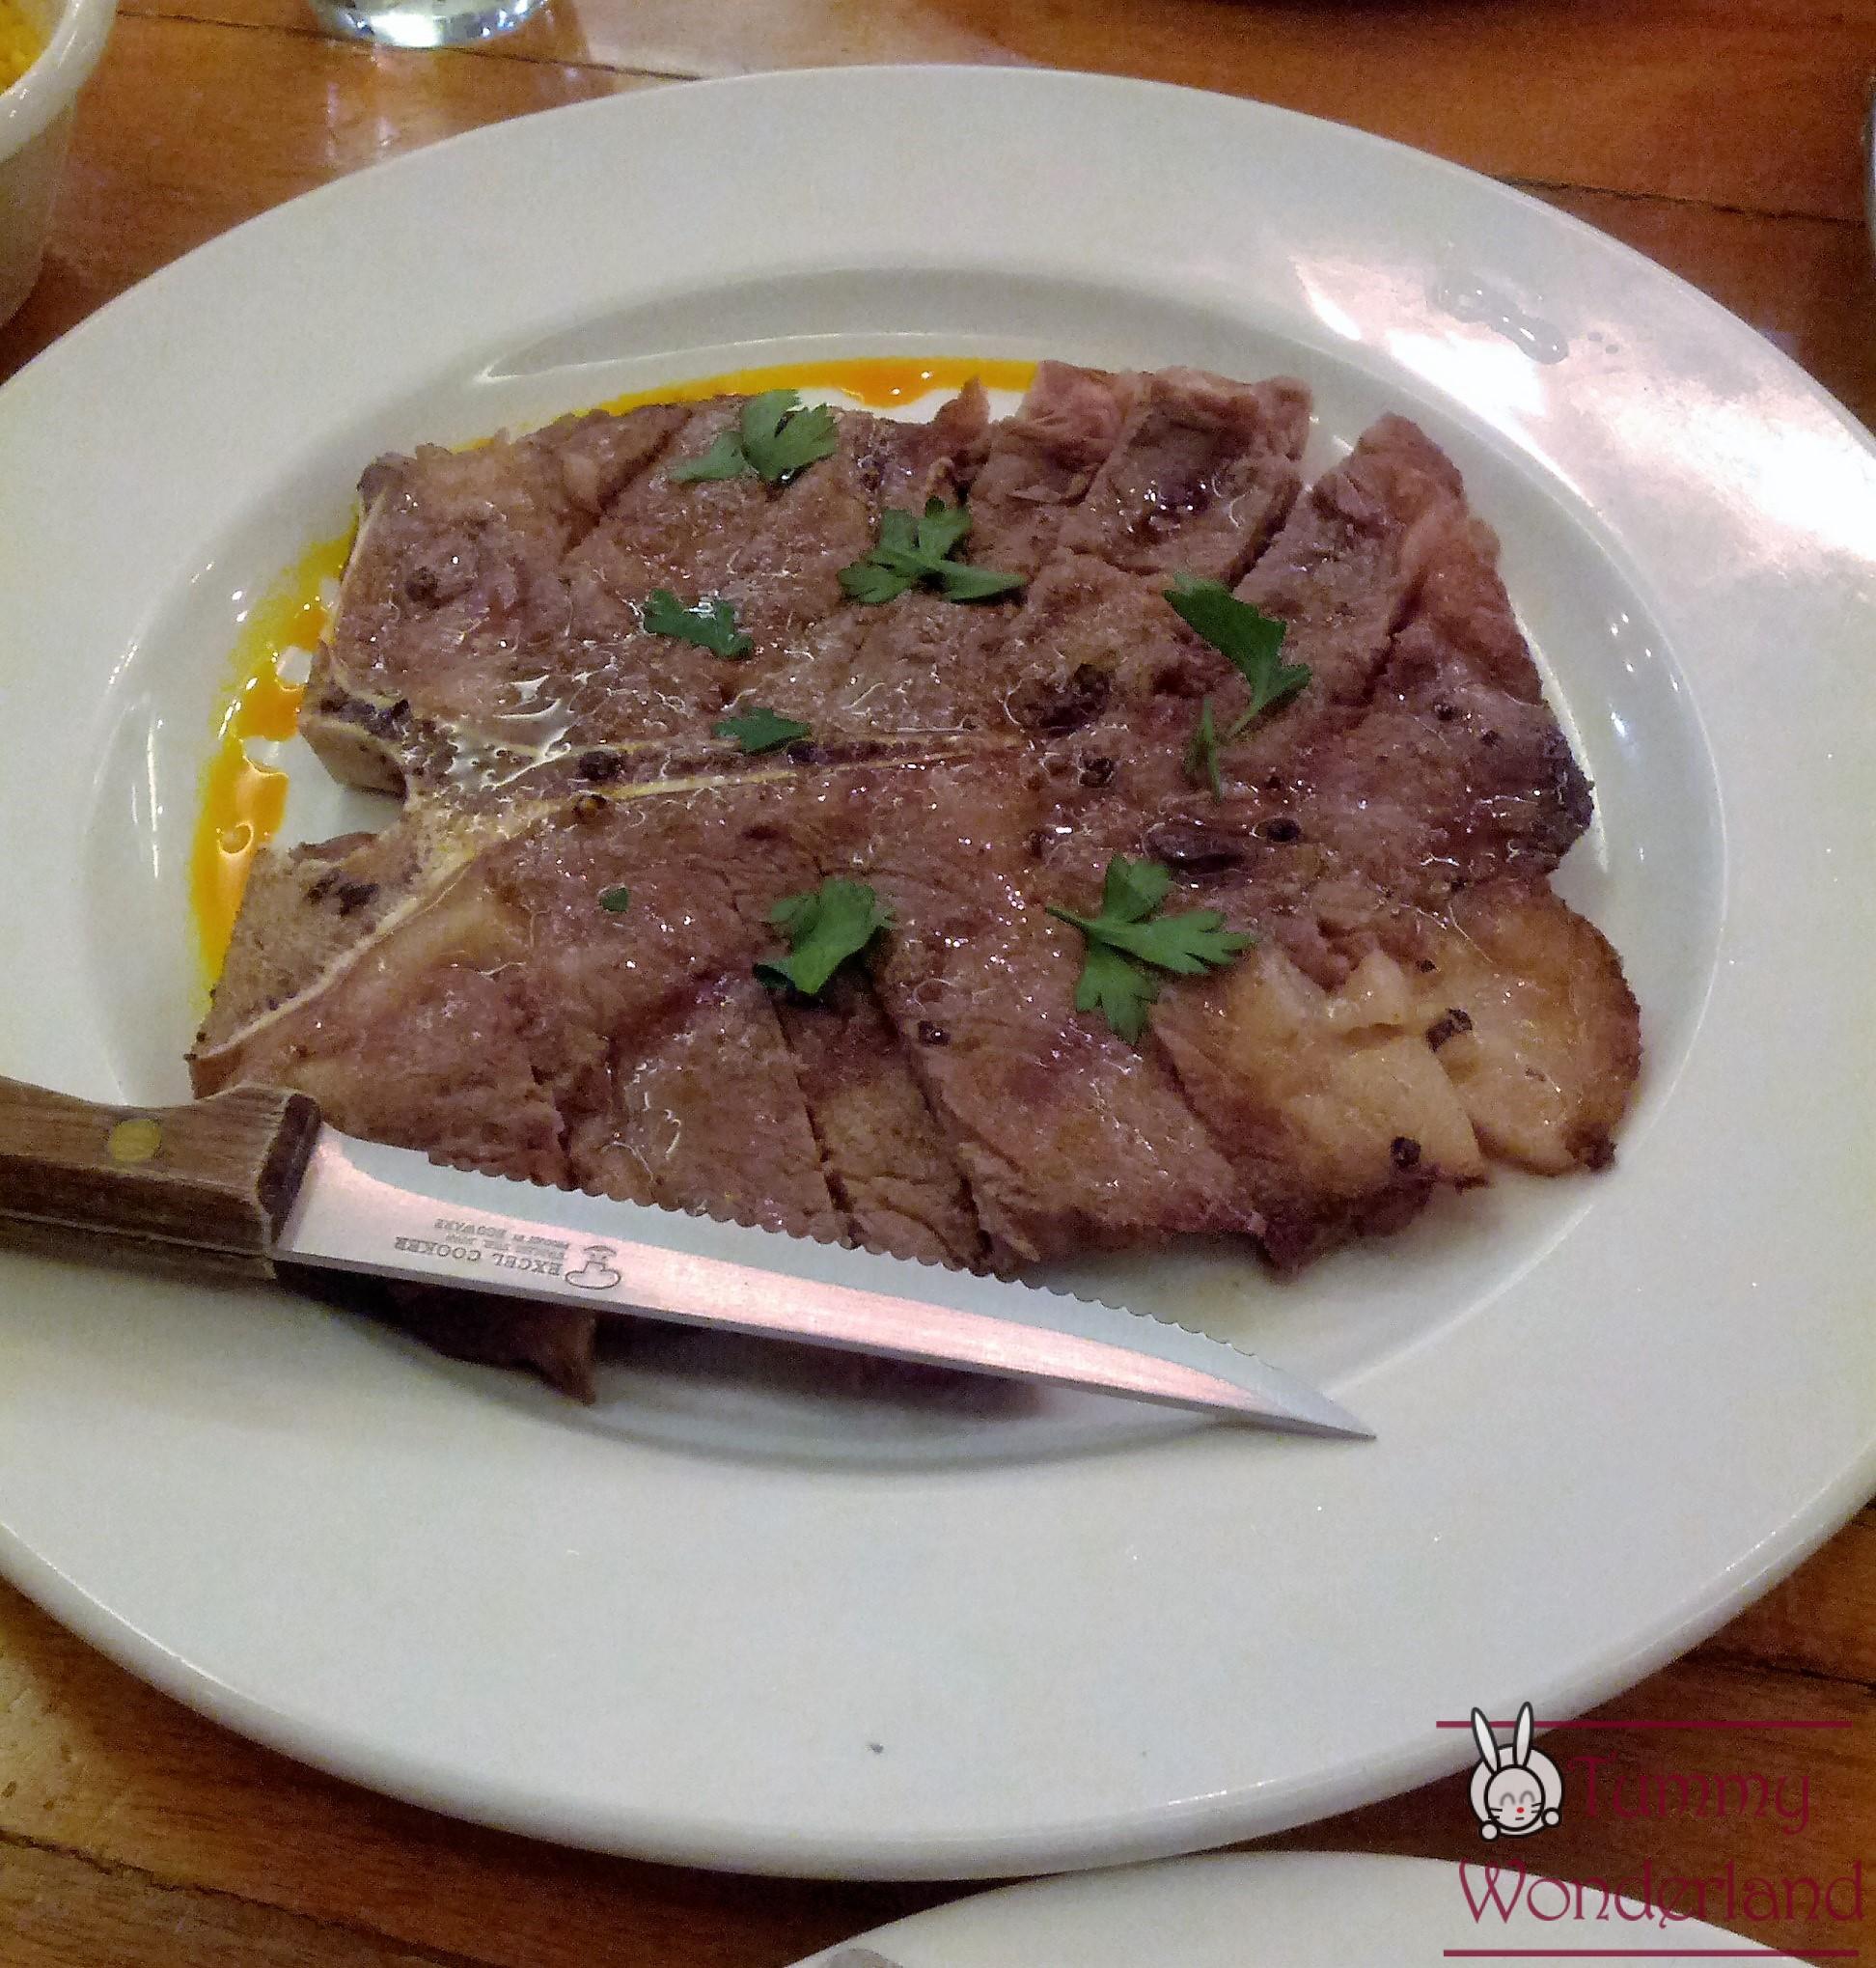 balboa_steak